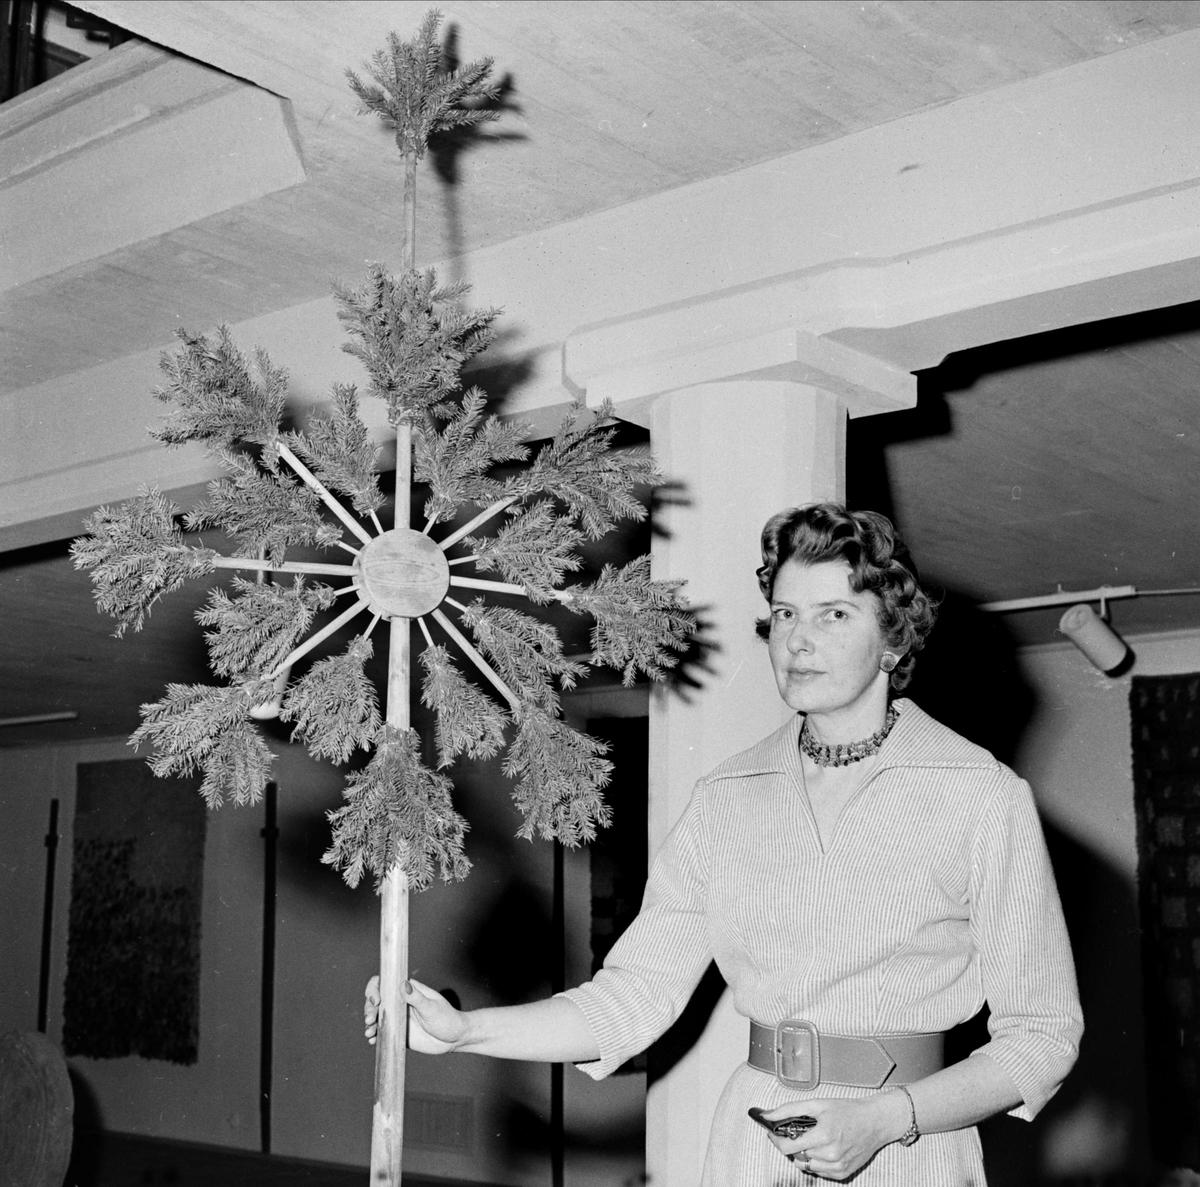 Amanuens Anna-Märta Berg med julstång, Upplandsmuseet, Uppsala december 1959